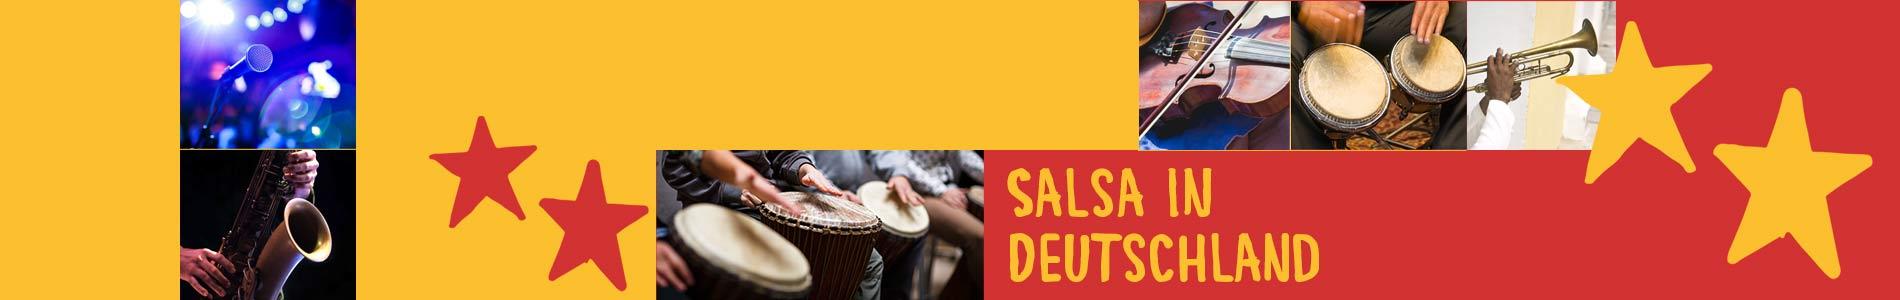 Salsa in Crinitz – Salsa lernen und tanzen, Tanzkurse, Partys, Veranstaltungen